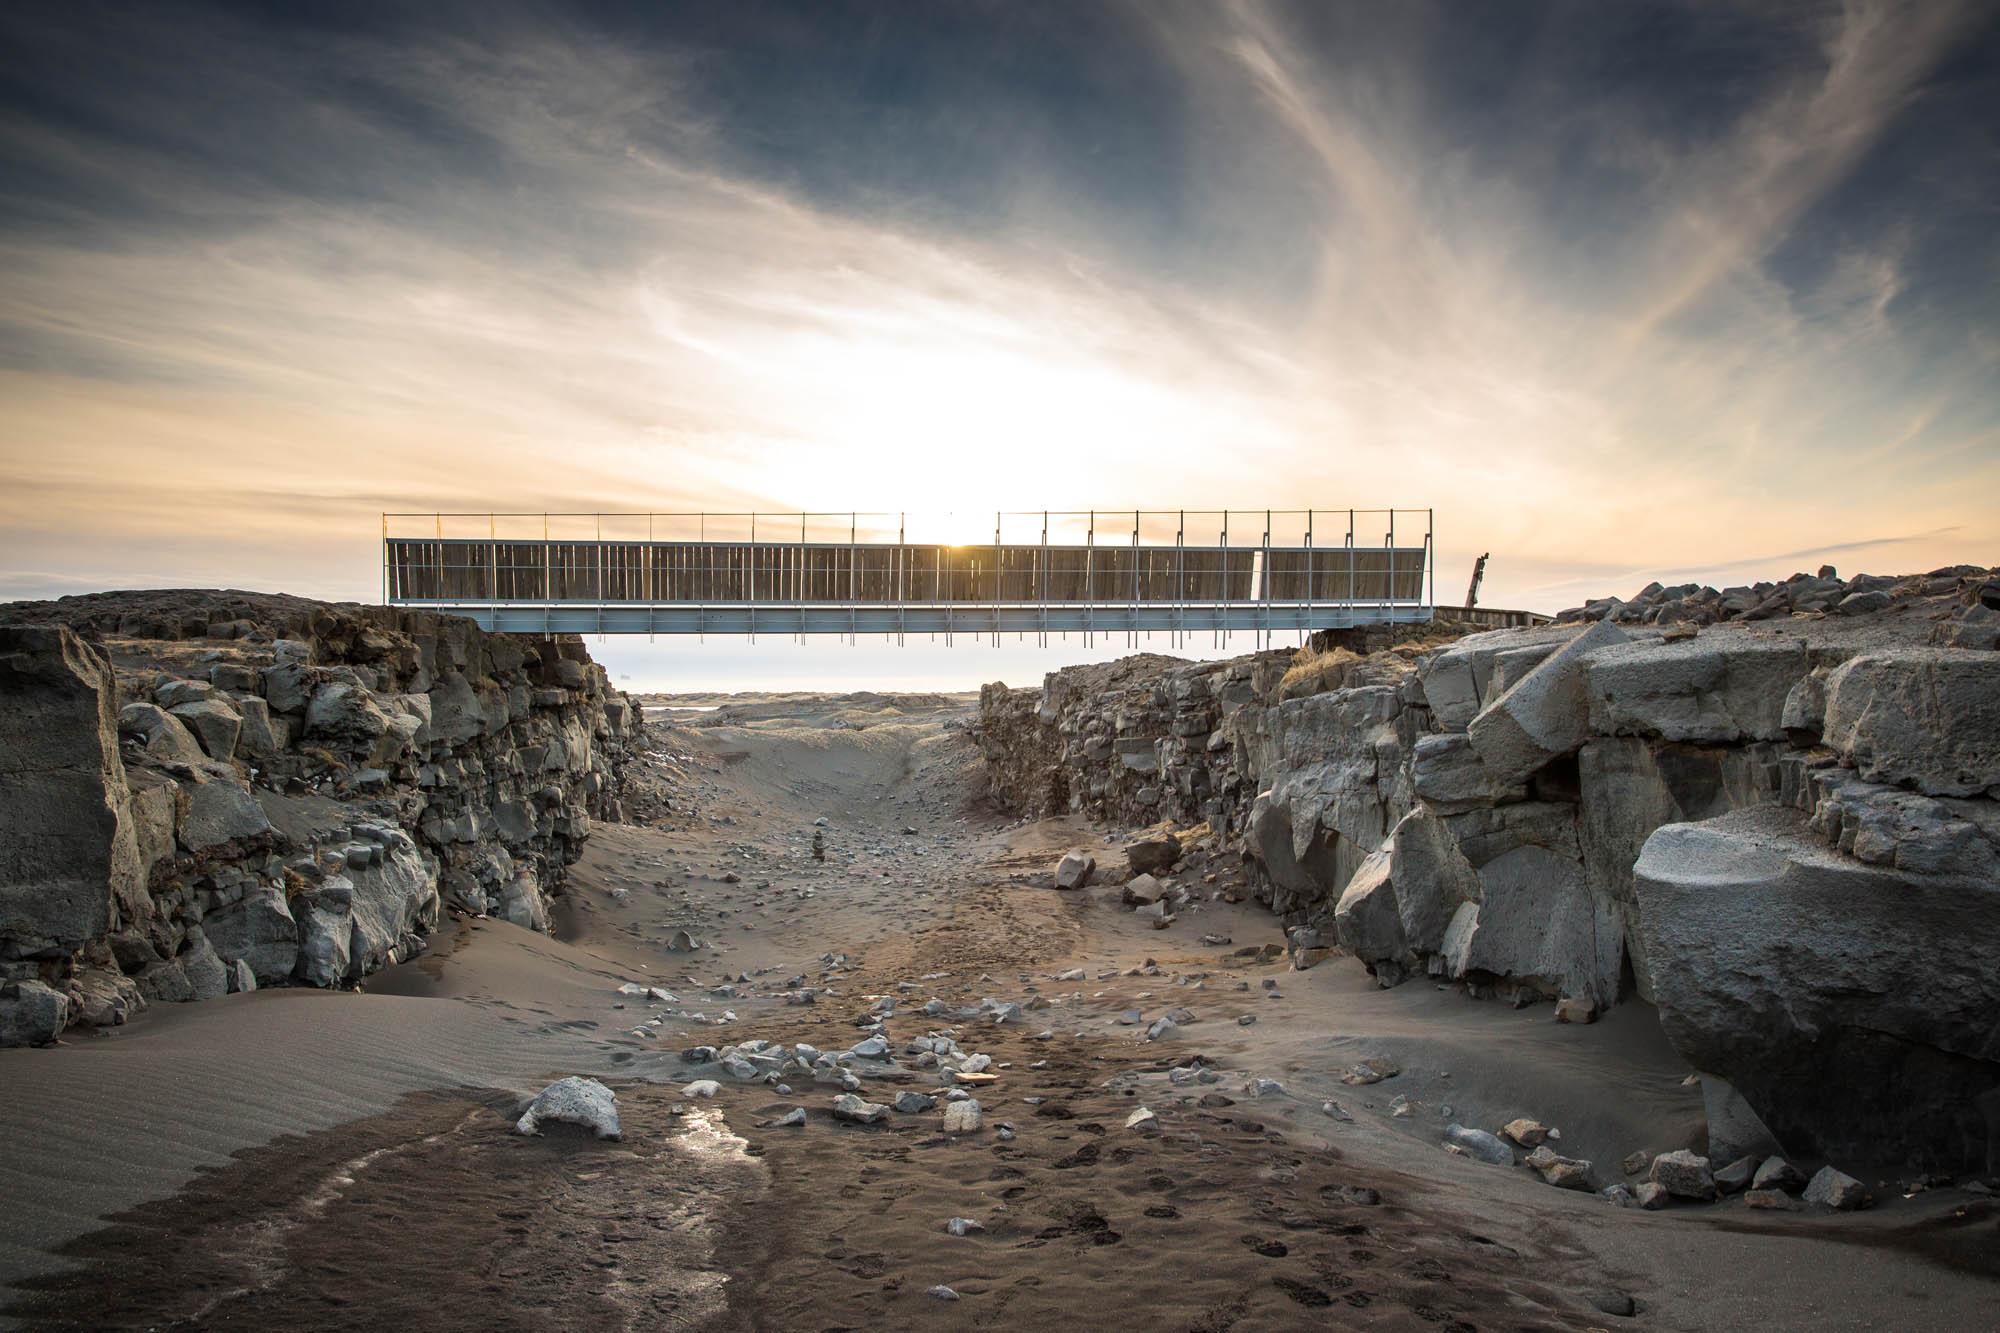 Bridge between continents in Reykjanes